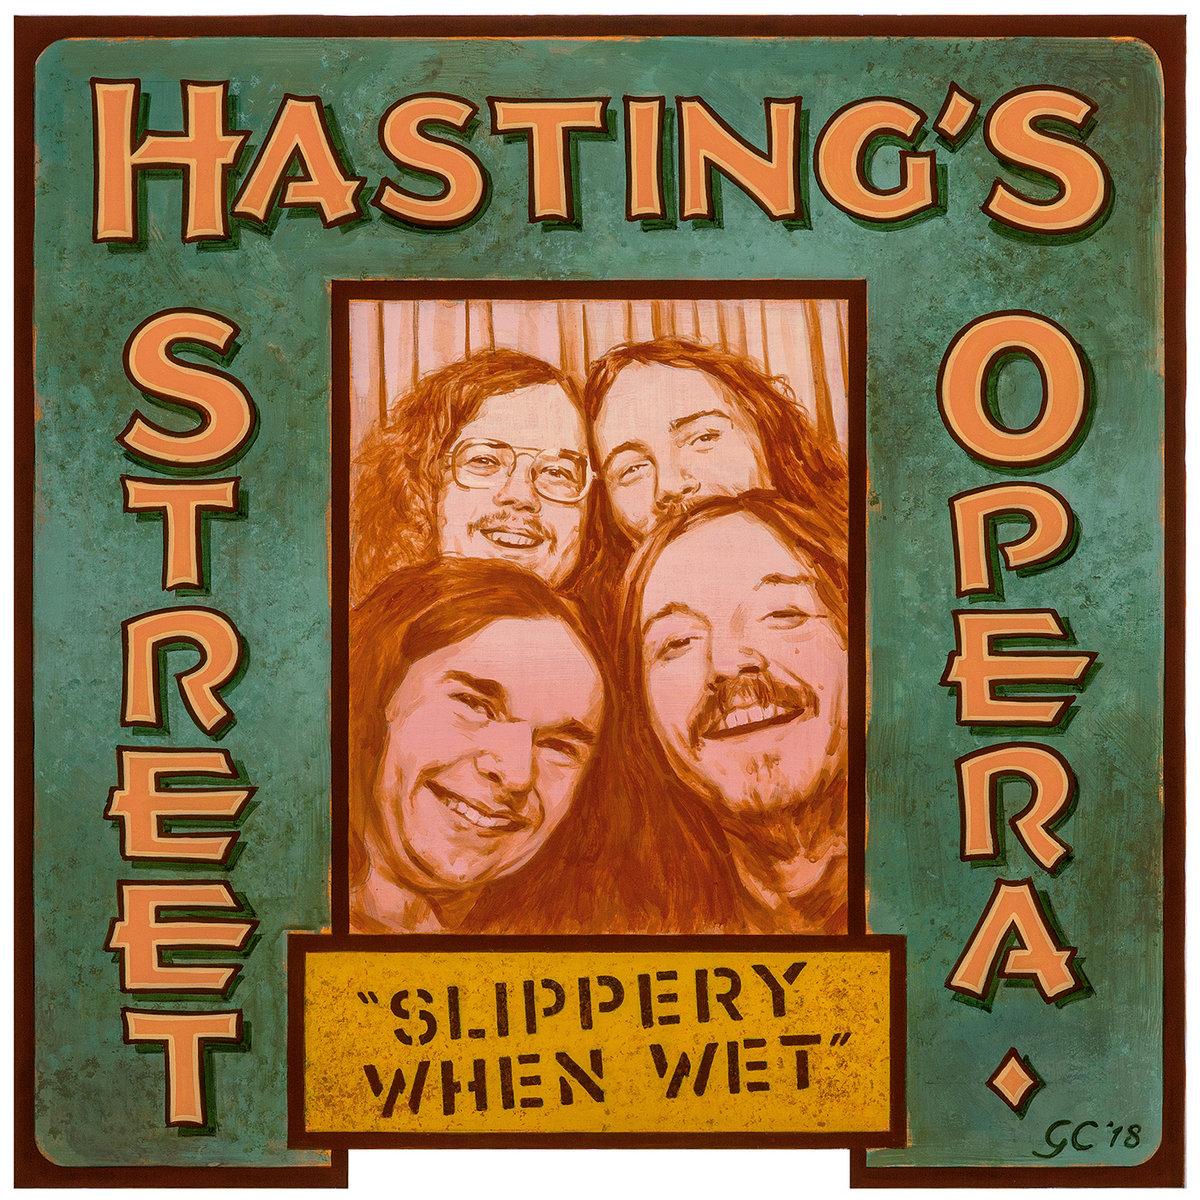 Αποτέλεσμα εικόνας για hastings street opera guerssen